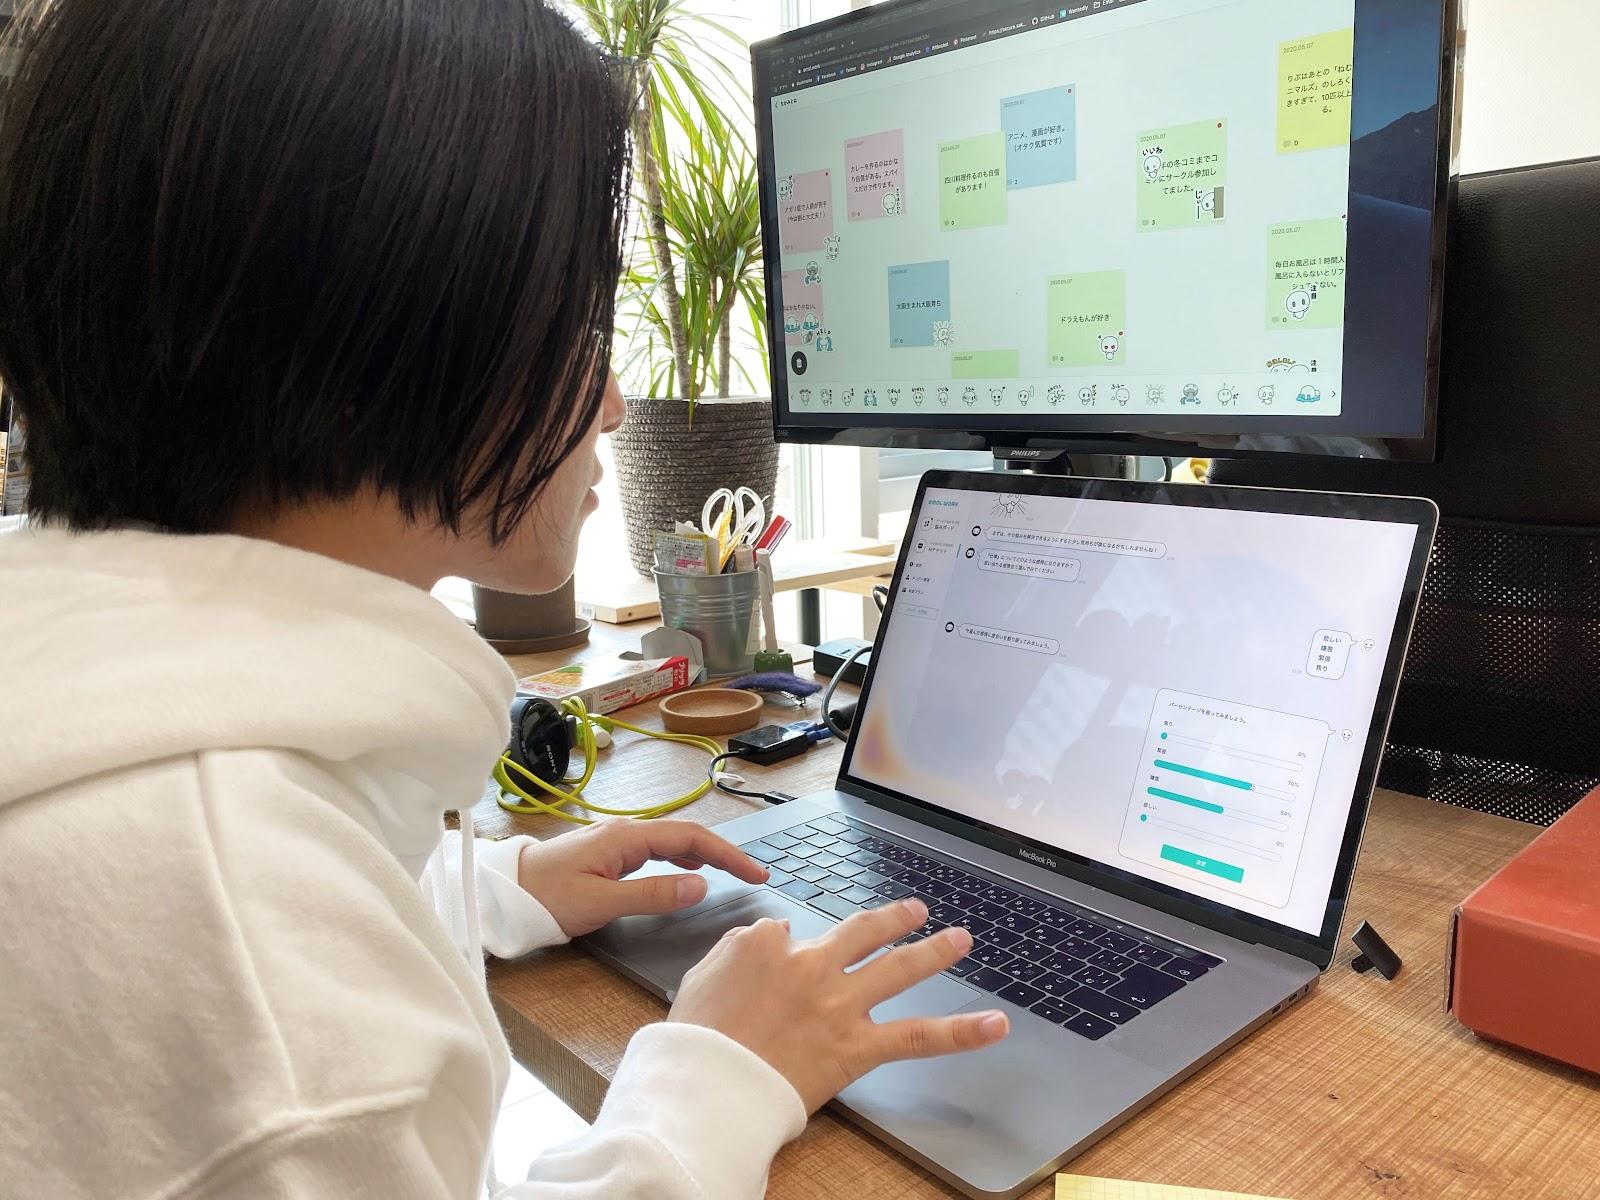 「emol work」では近々Slack連携を予定。さらに便利に